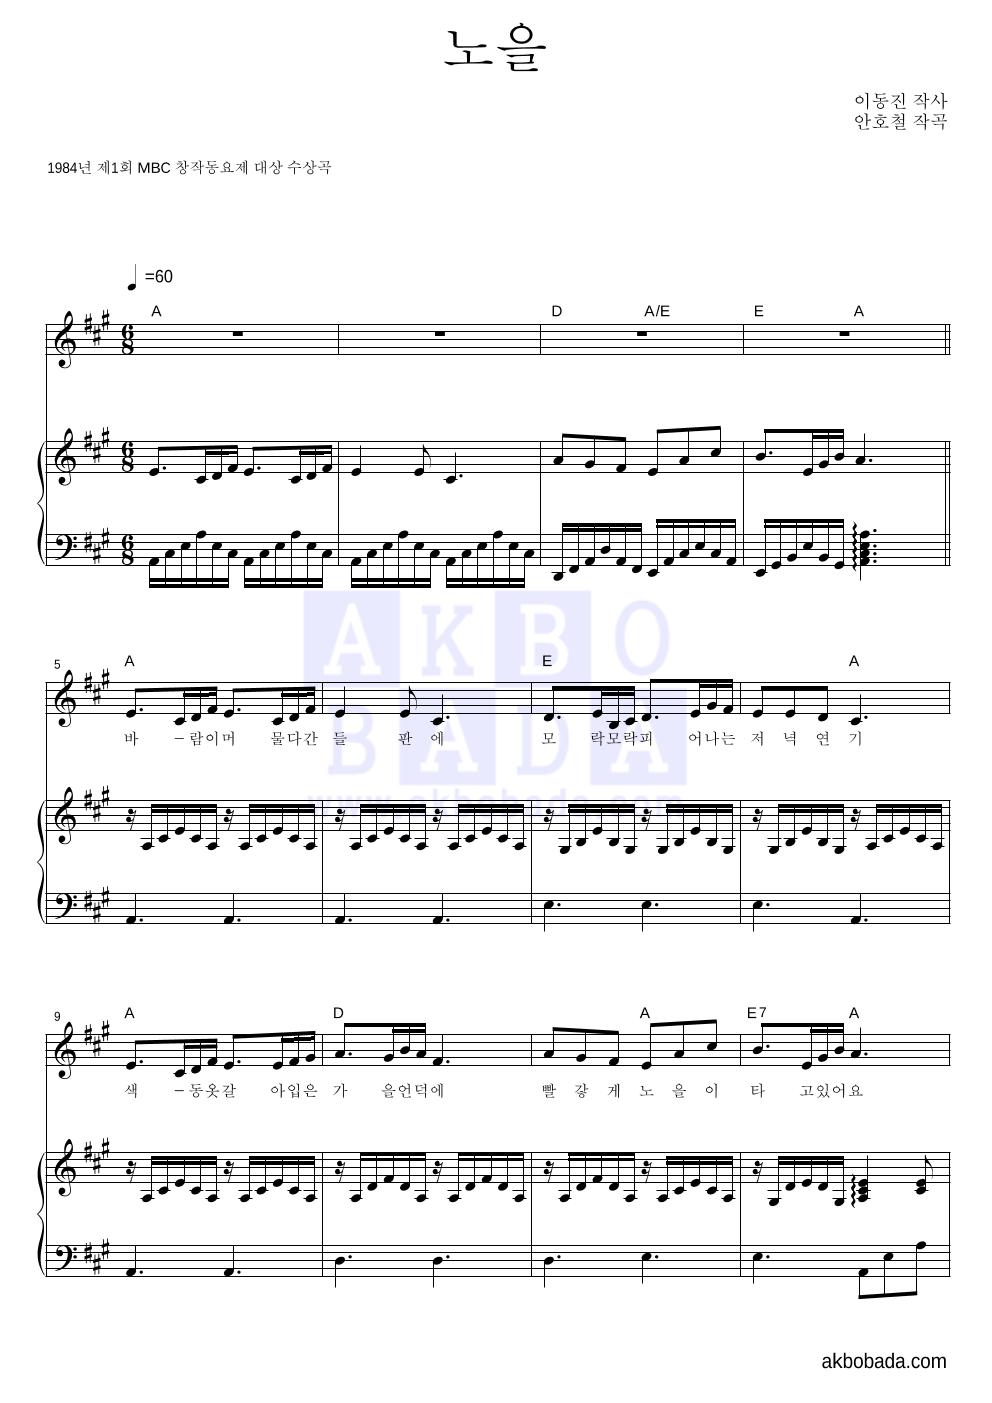 동요 - 노을 피아노 3단 악보